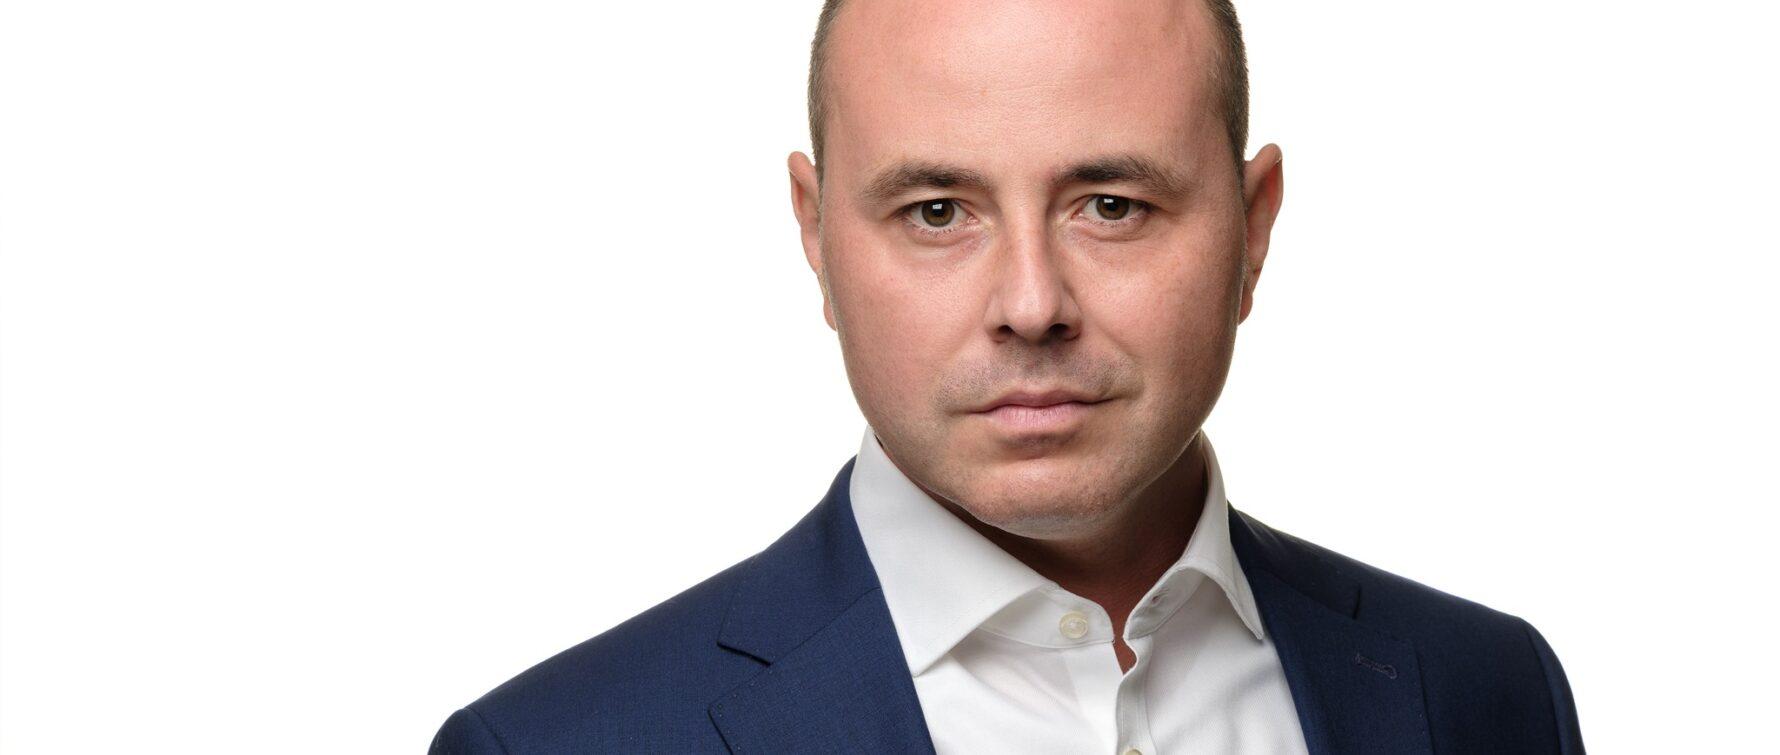 """Deputatul Alexandru Muraru: """"Îmi asum 9 angajamente în trei domenii în care am expertiză profesională"""""""